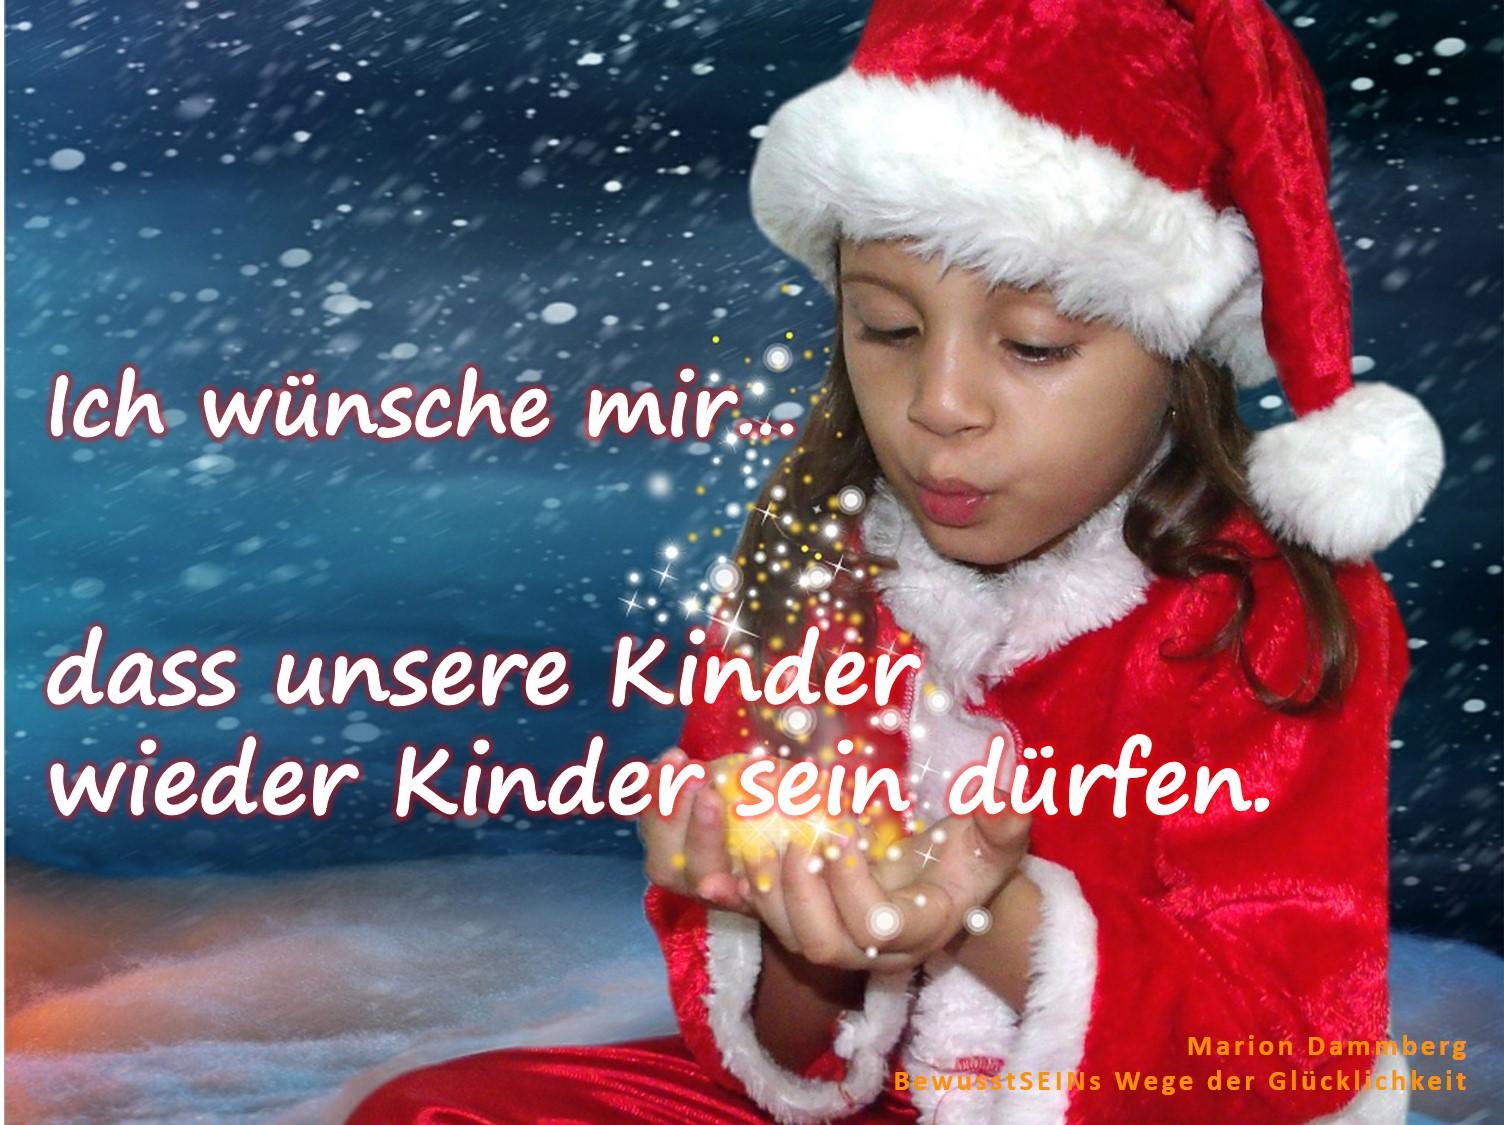 Mein Wunschzettel - Ich wünsch mir, dass Kinder wieder Kinder sein dürfen. - BewusstSEINs Wege der Glücklichkeit Marion Dammberg